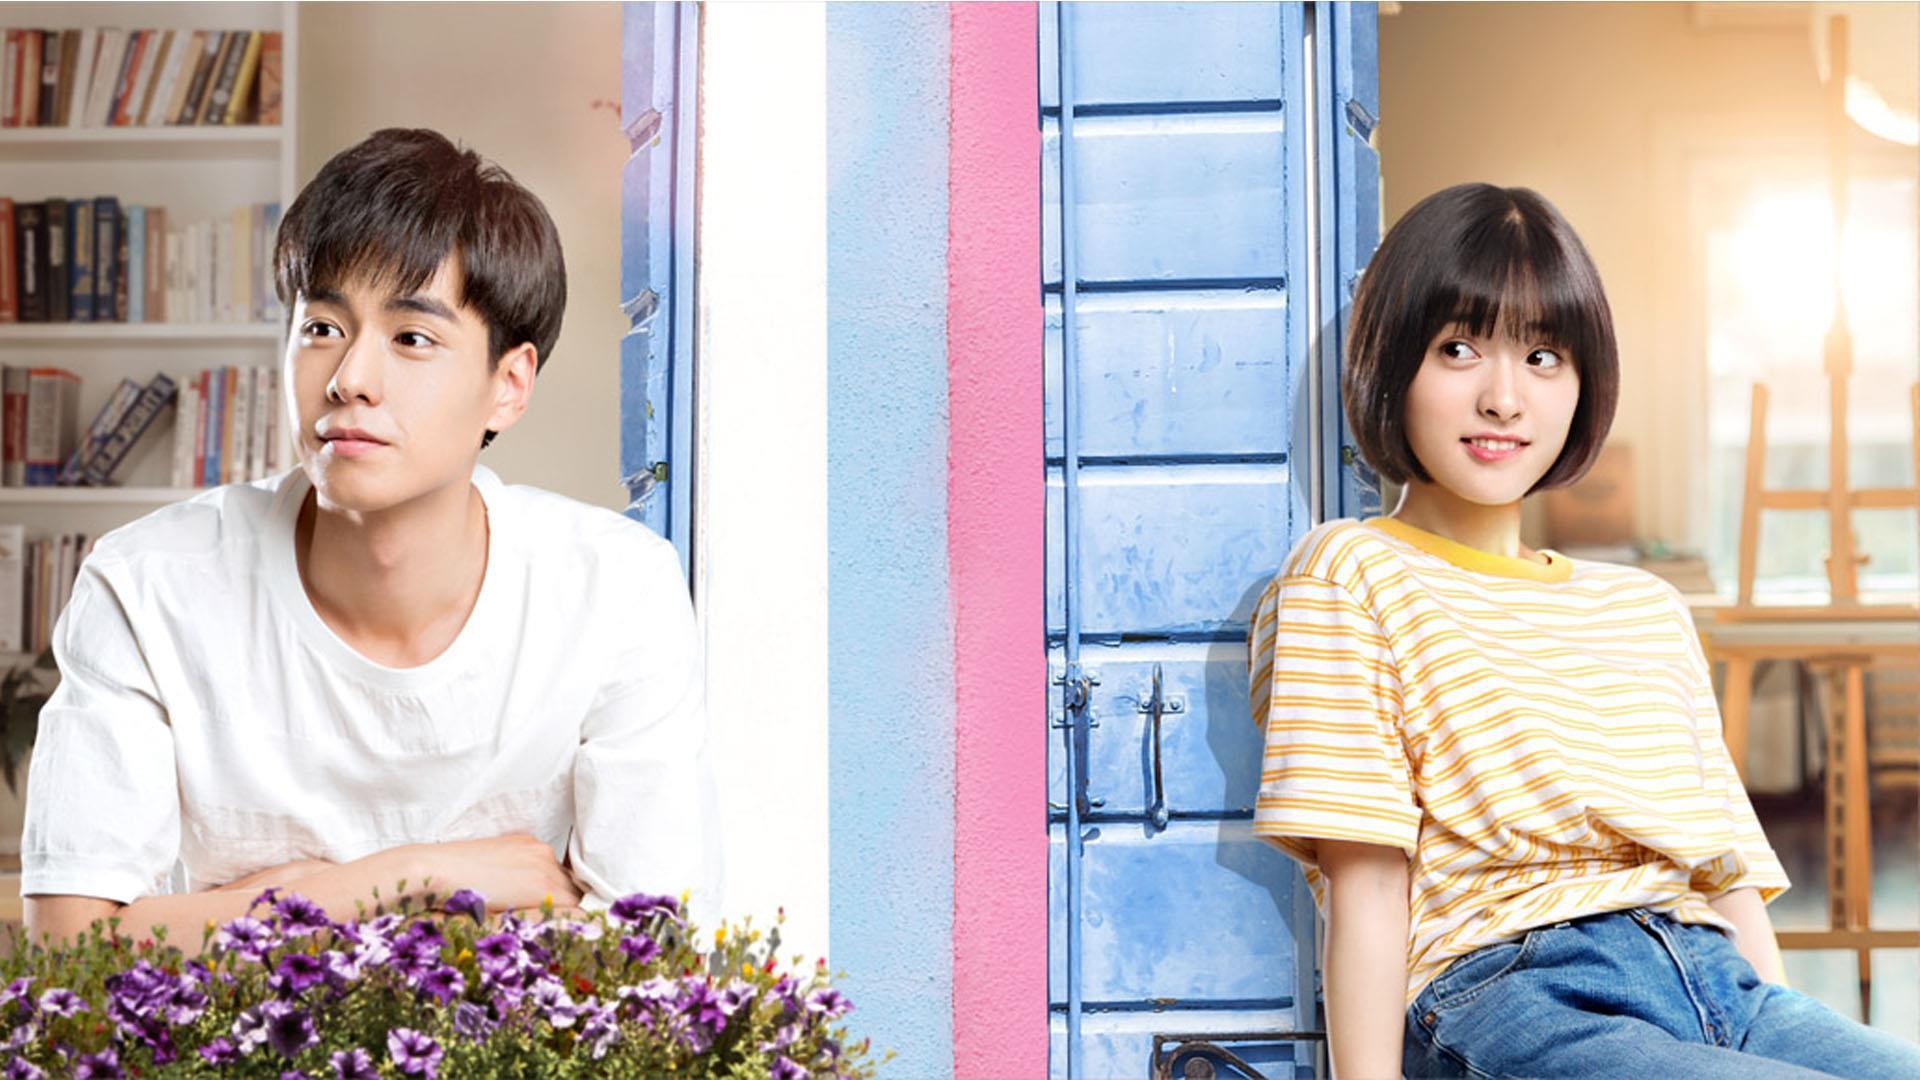 Đổi gió với 6 phim Hoa Ngữ từ thanh xuân vườn trường lãng mạn đến cung đấu căng cực trên Netflix - Ảnh 8.